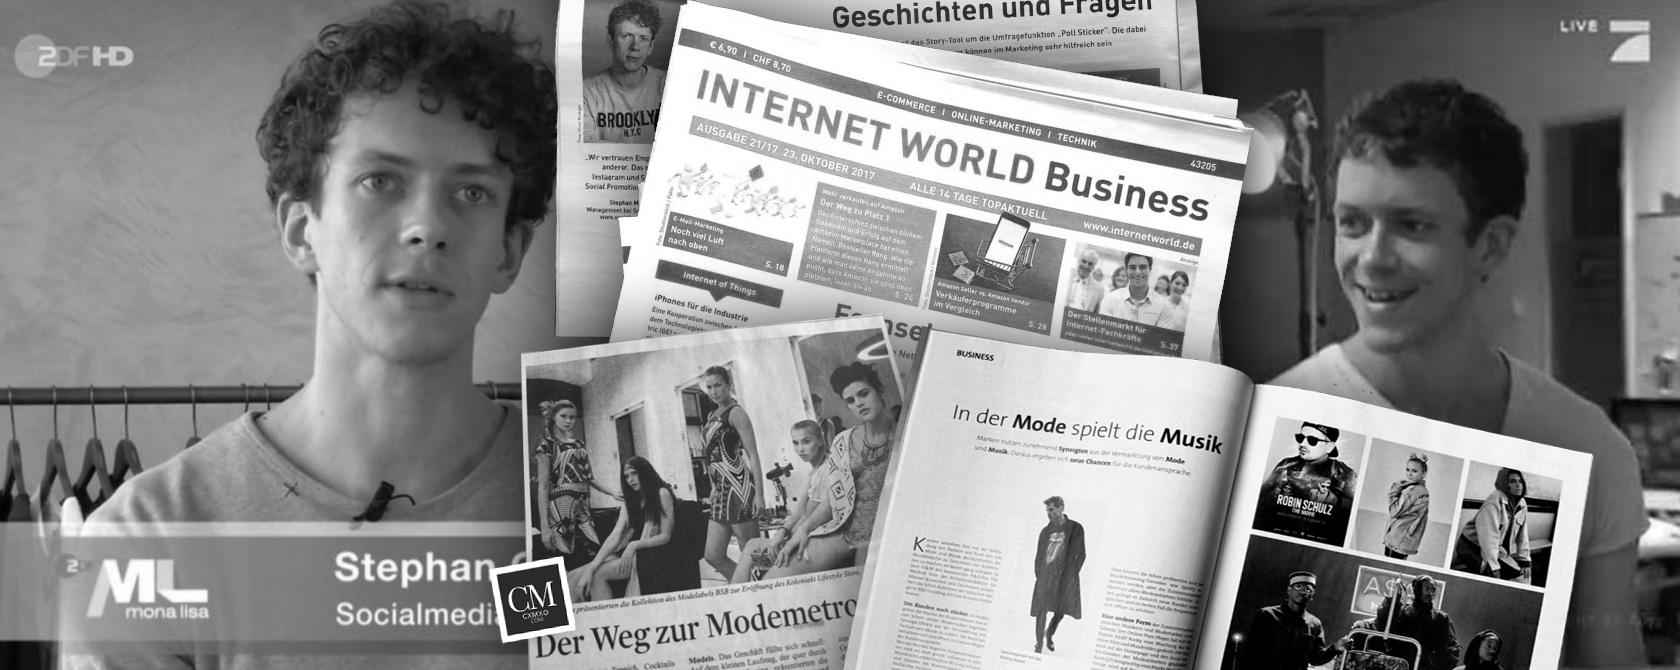 Experte in TV, Zeitung und als Speaker auf Events: Social Media Marketing mit Stephan Czaja